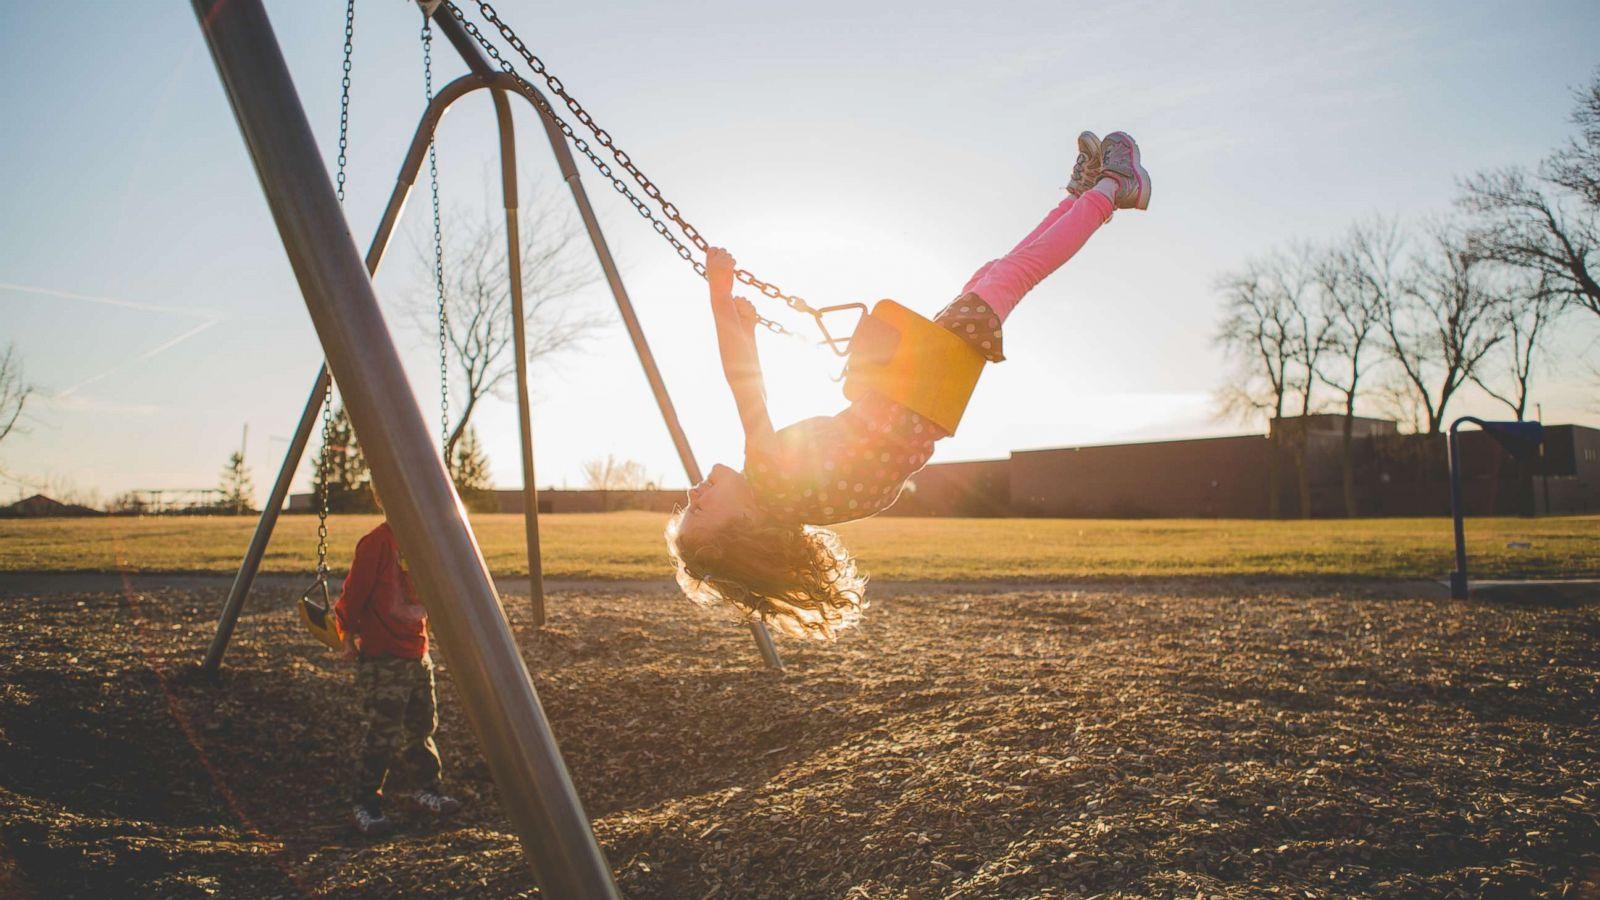 Free-range-parenting?